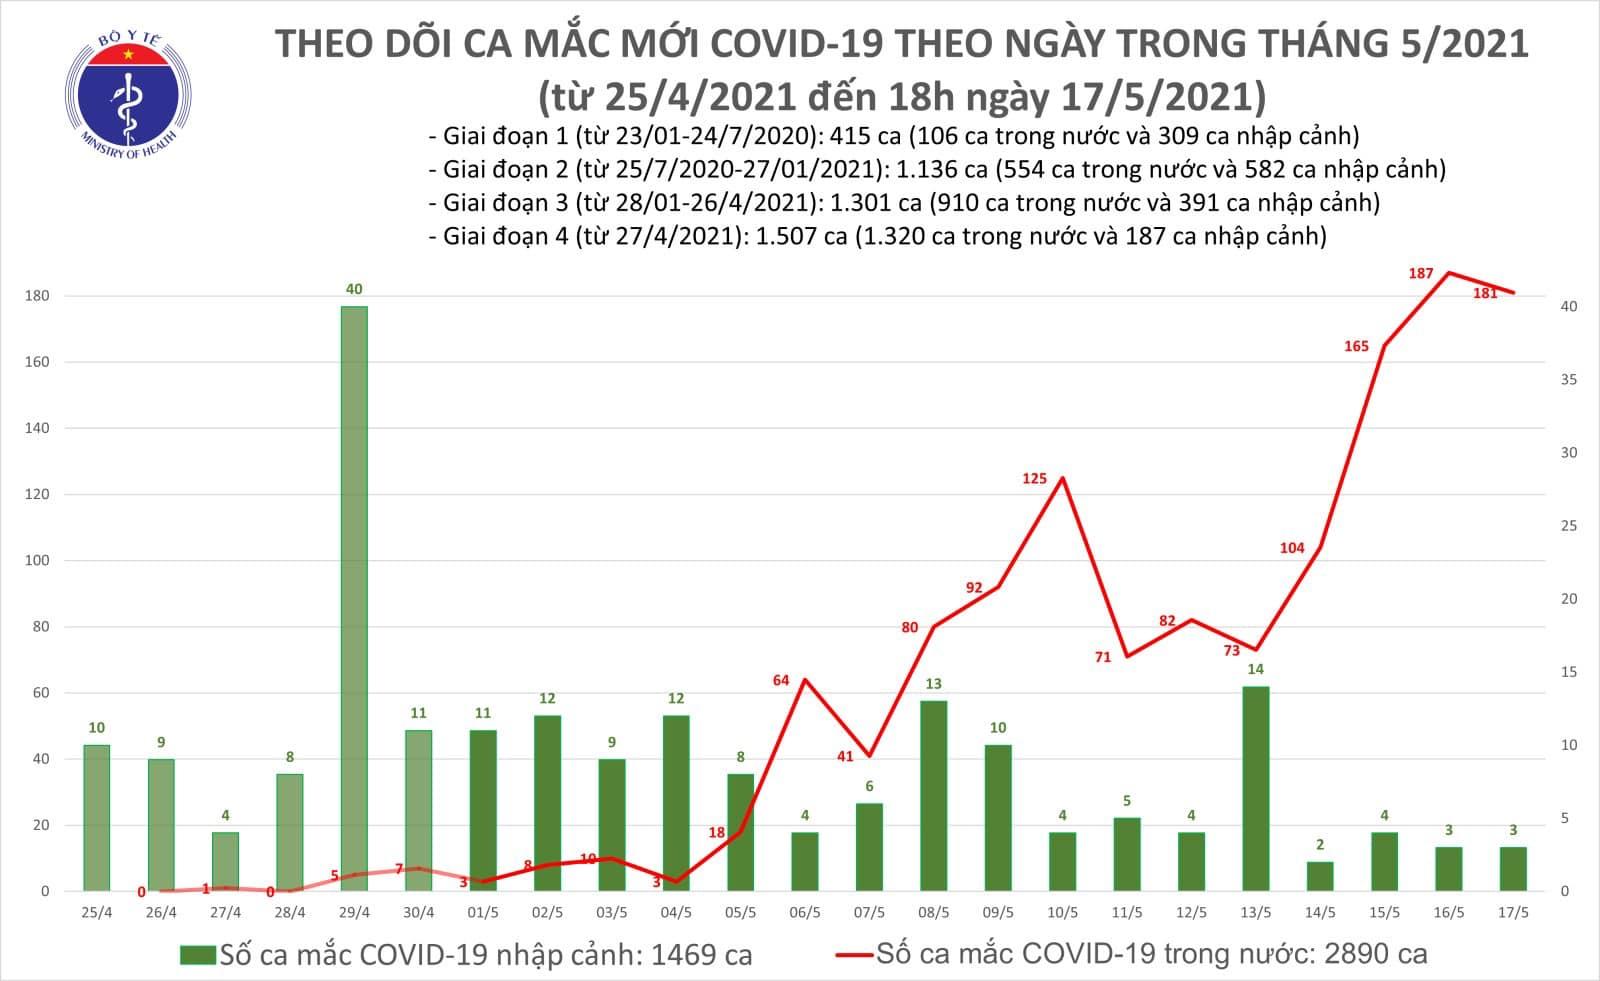 """Thêm 116 ca Covid-19 mới, Bắc Giang, Bắc Ninh vẫn """"nóng""""  - Ảnh 2."""